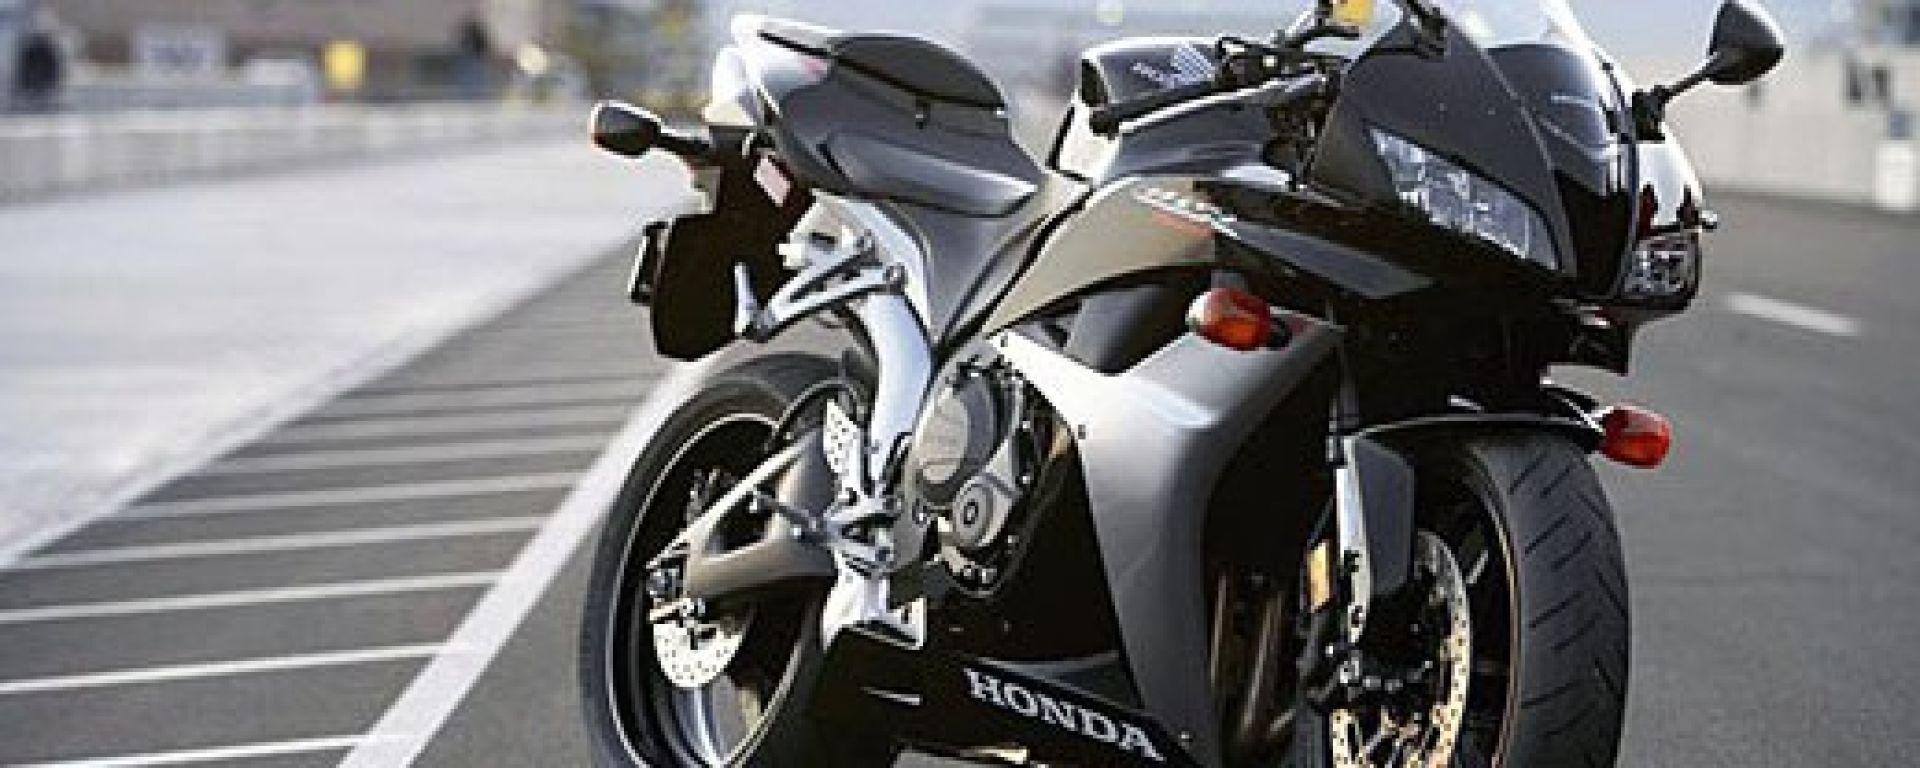 Honda CBR 600 RR 2007